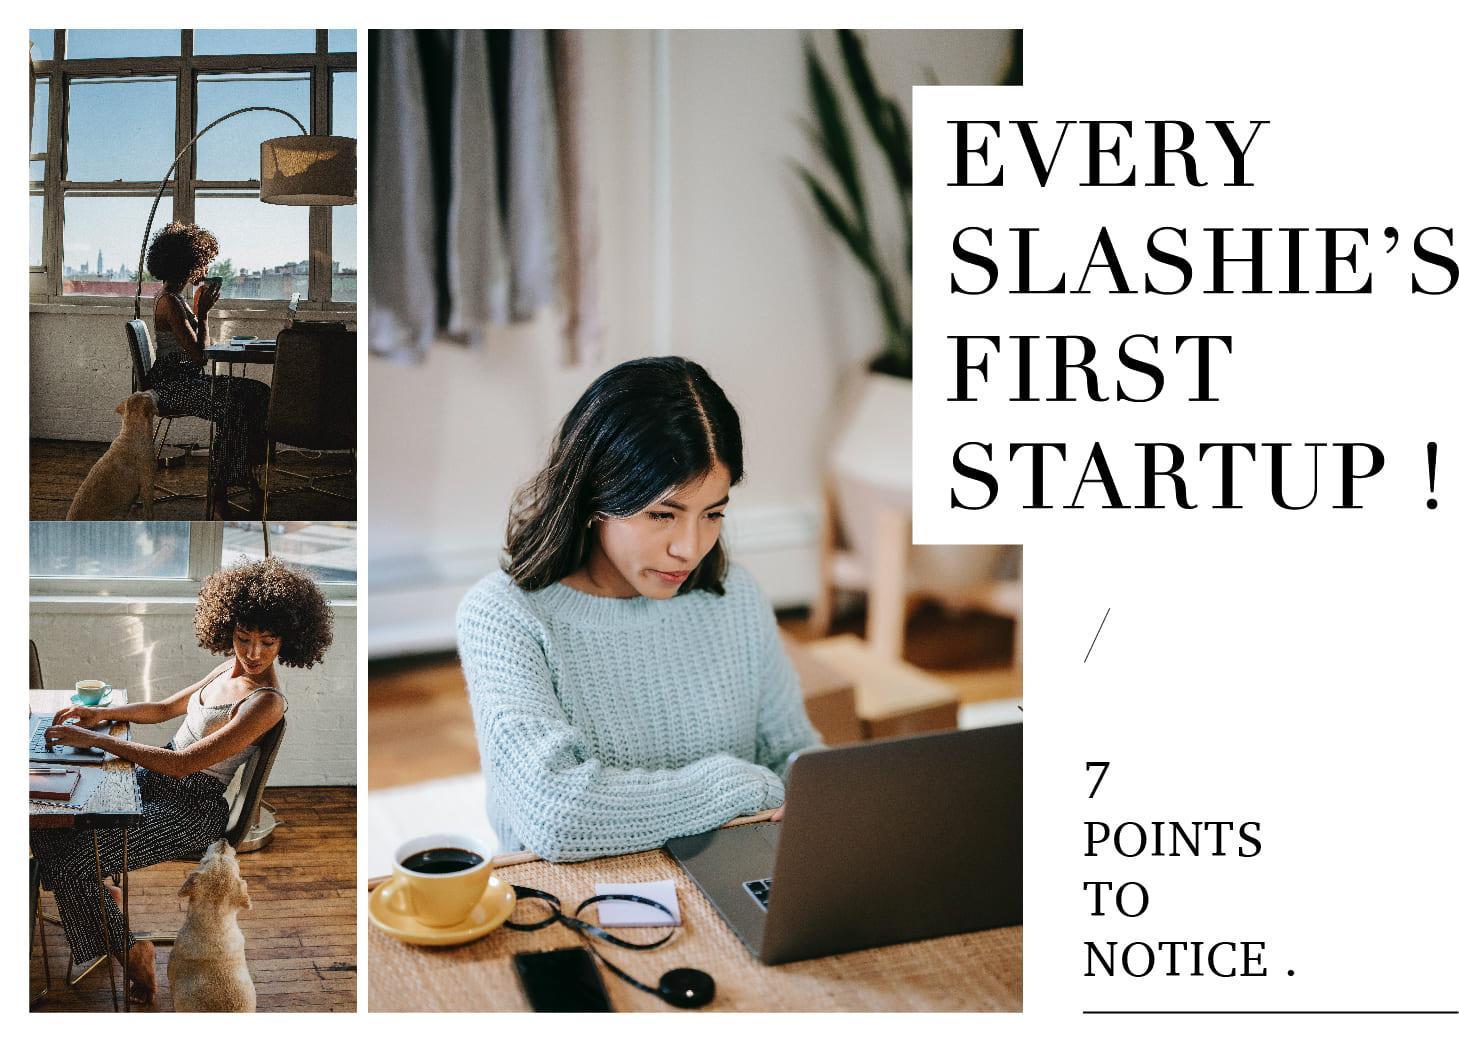 時下最夯「斜槓青年/微創業」7要點!暢銷書《一人公司》作者提忠告 Every Slashie's first startup! 7 Points To Notice